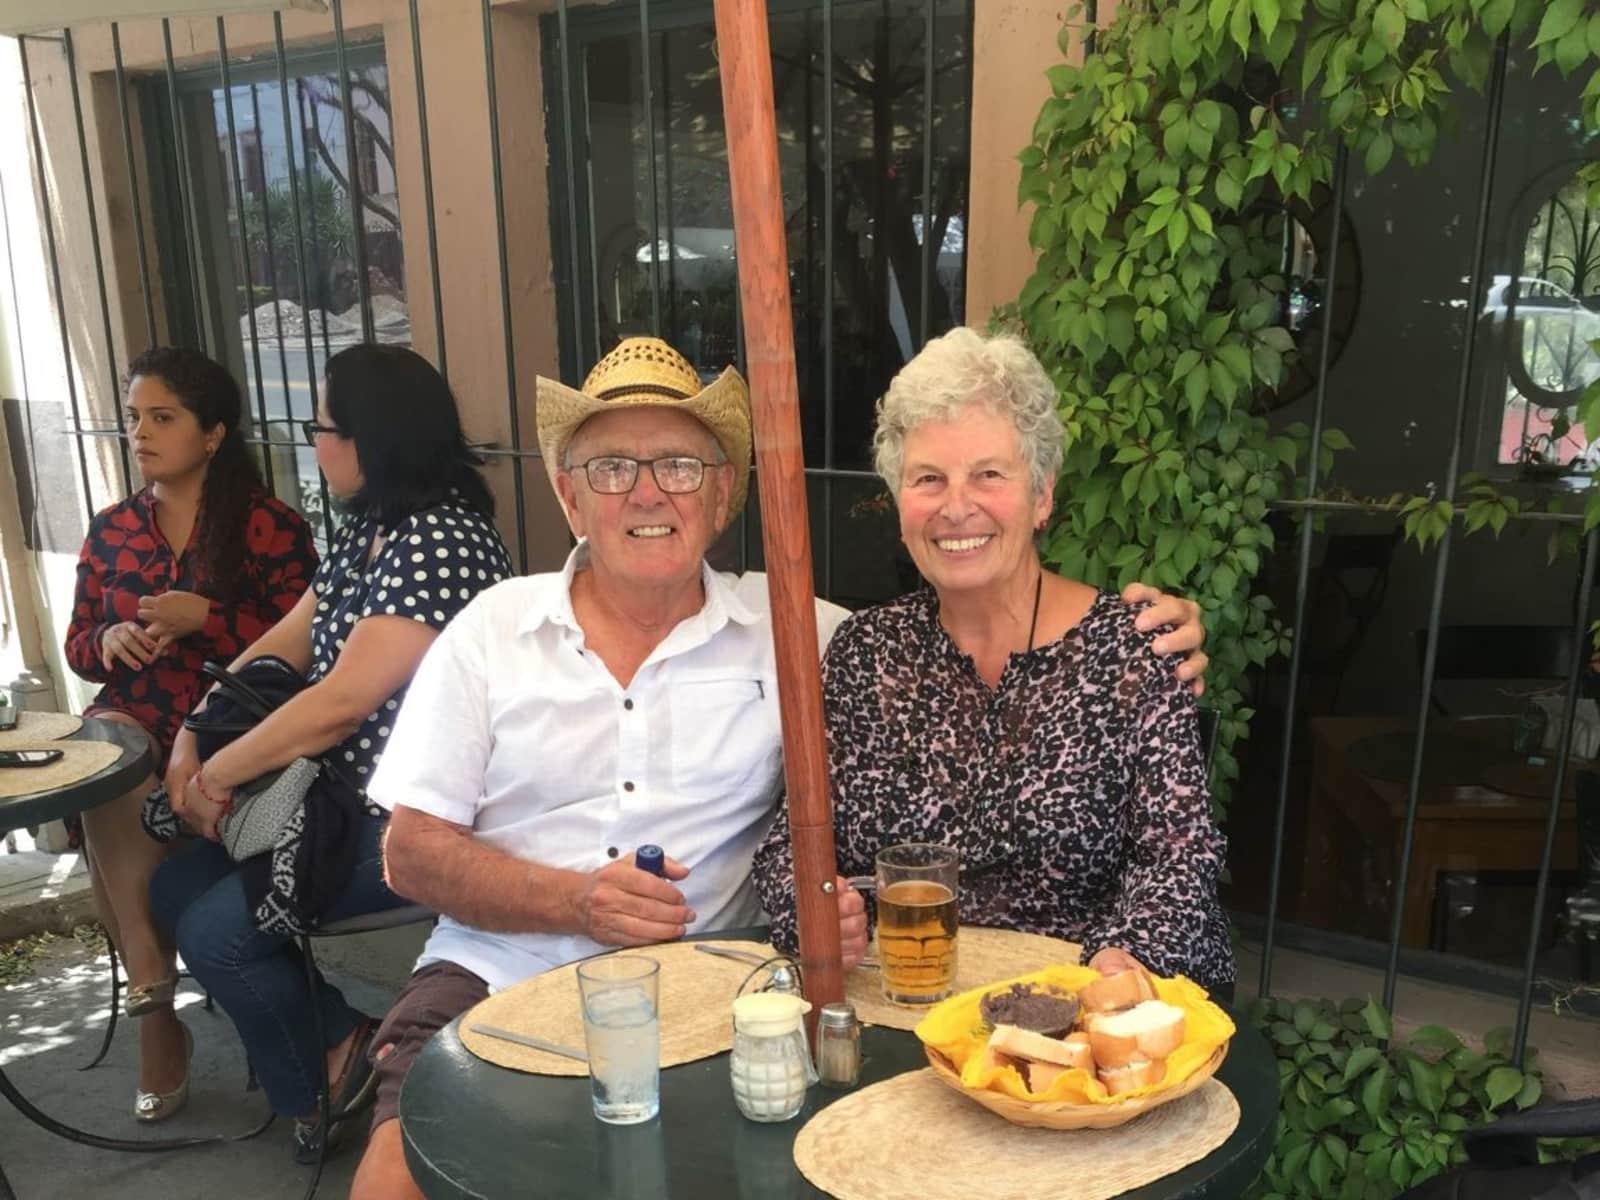 Ken & Lyse from Niagara Falls, Ontario, Canada